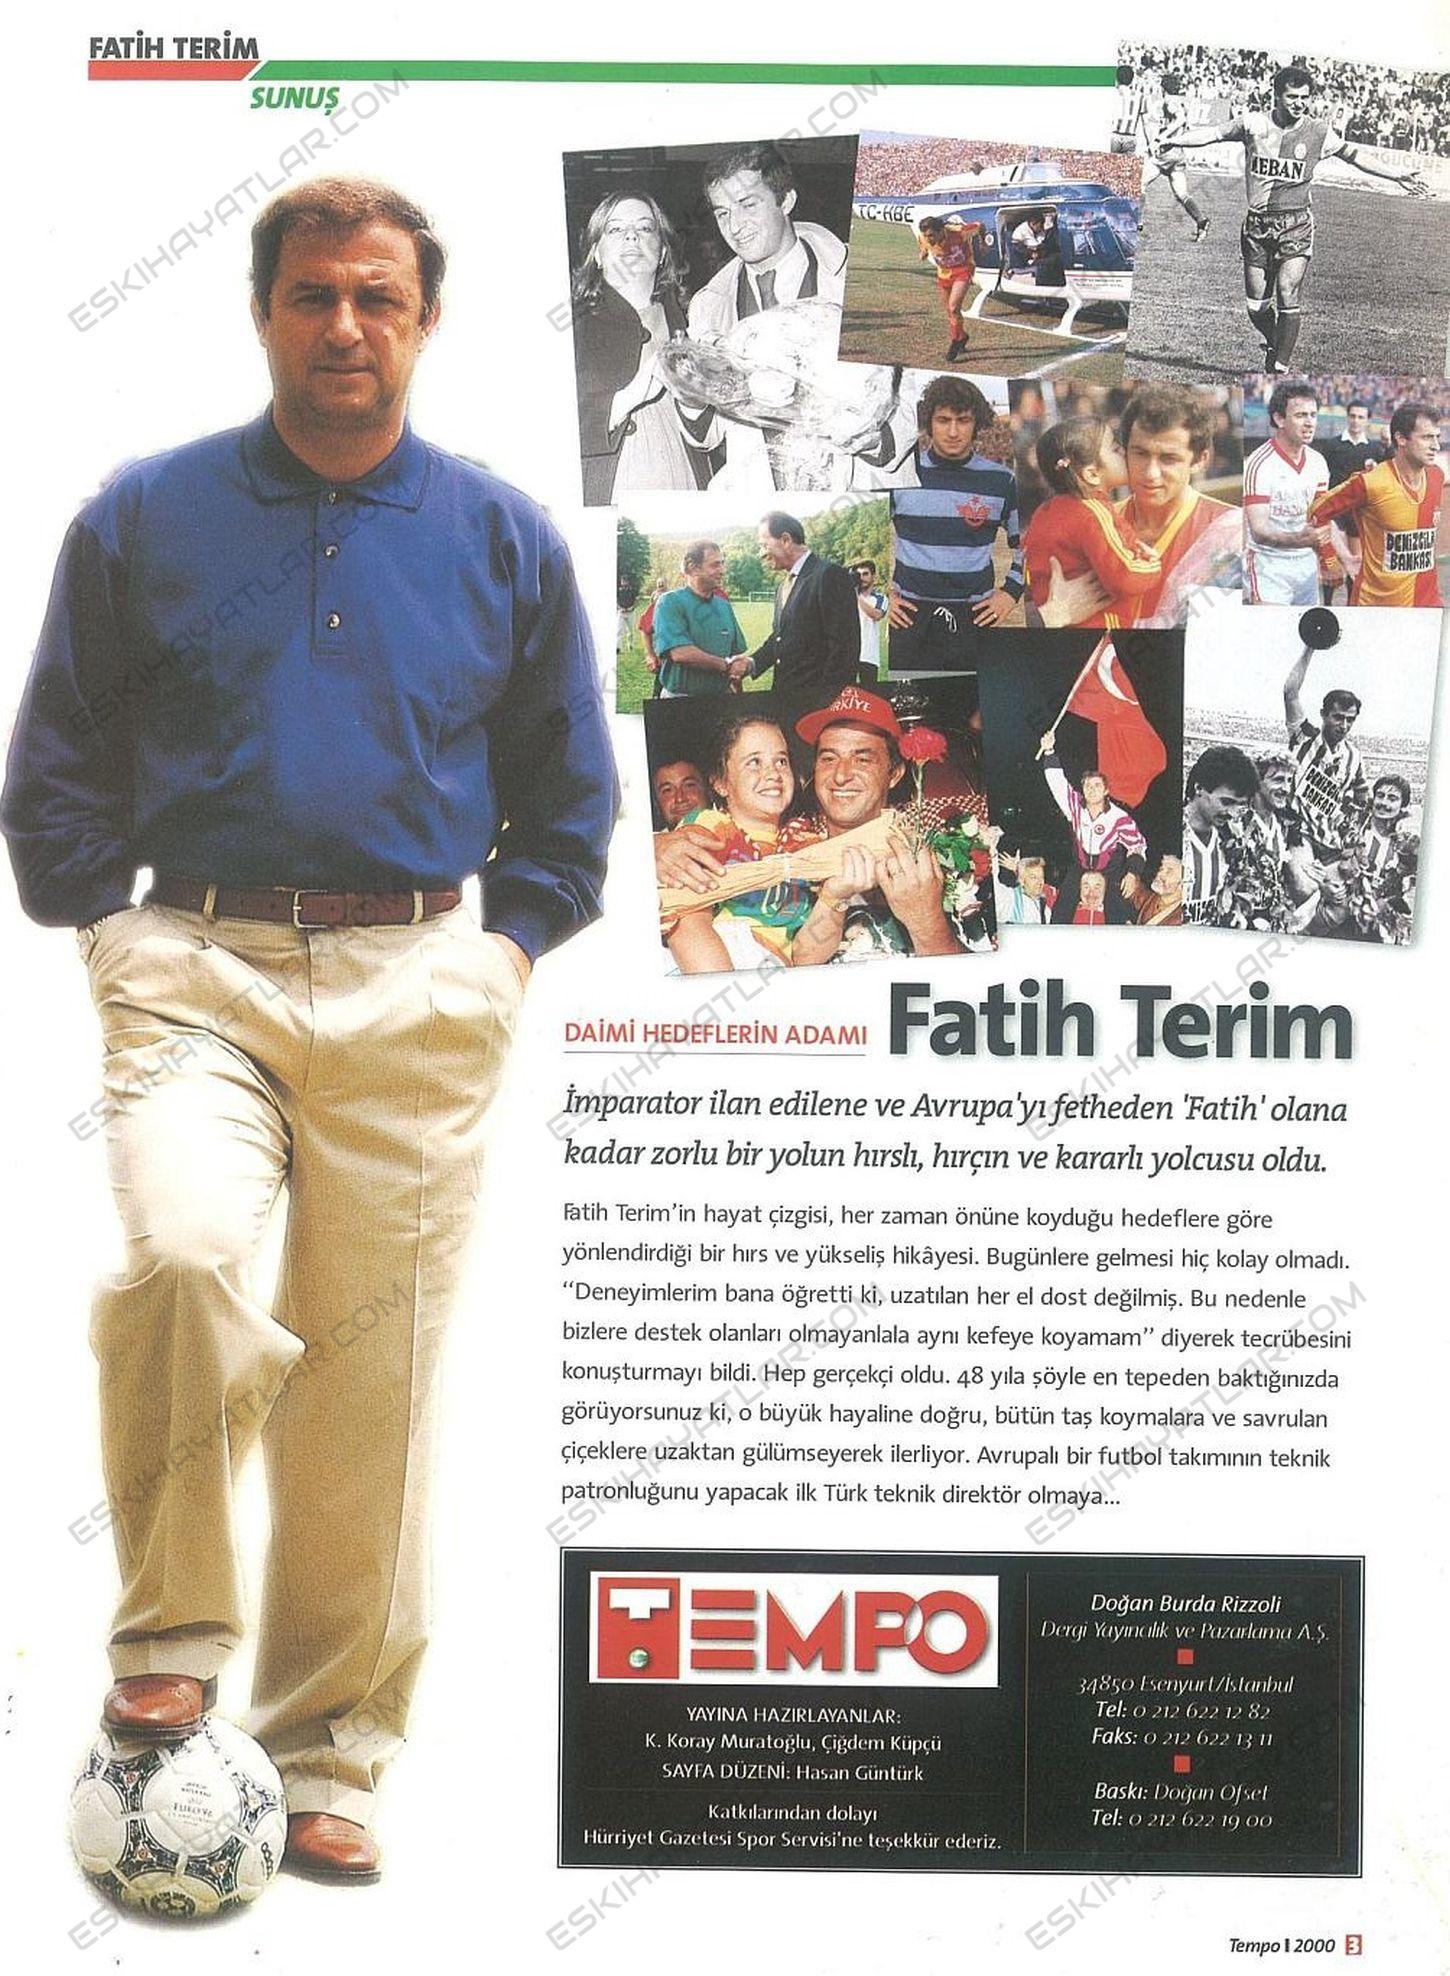 fatih-terim-fotograflari-fatih-terim-futbol-kariyeri-2000-yili-tempo-dergisi-arsivleri (2) (1)